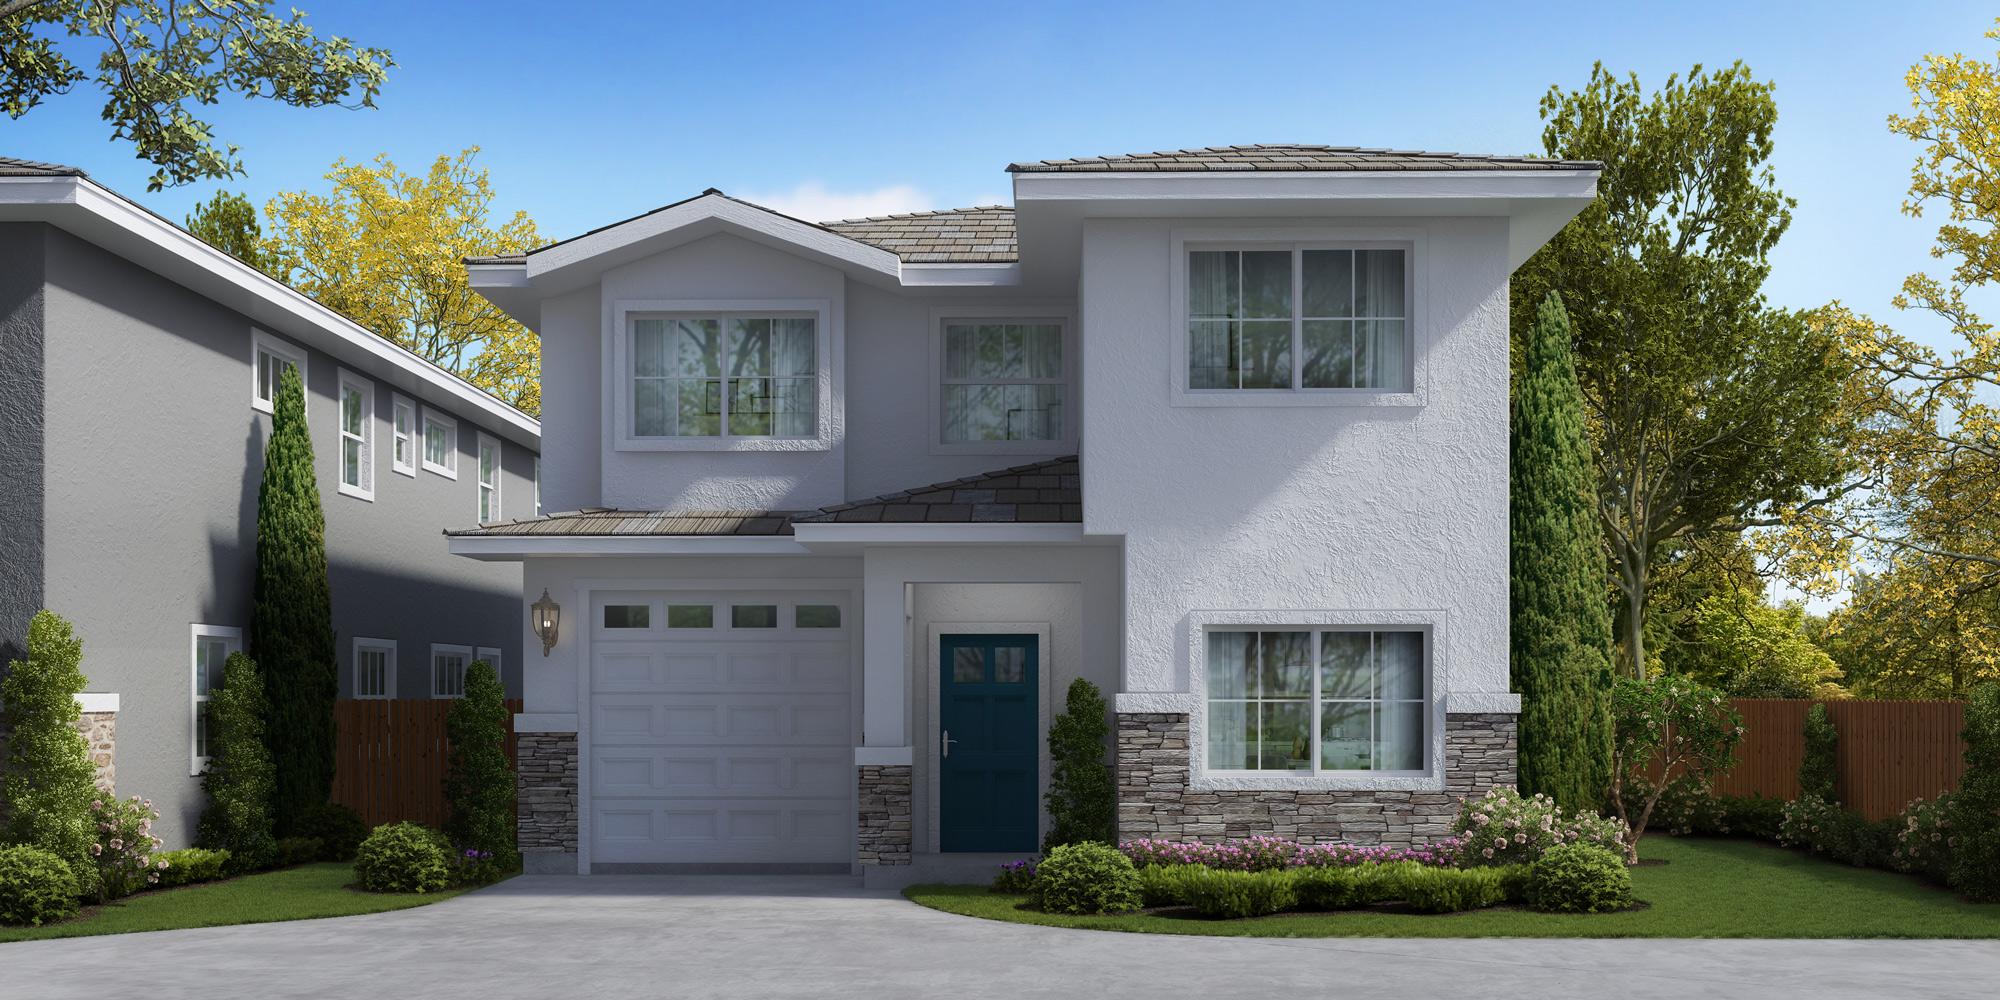 residential-3d-rendering-american-render-miami